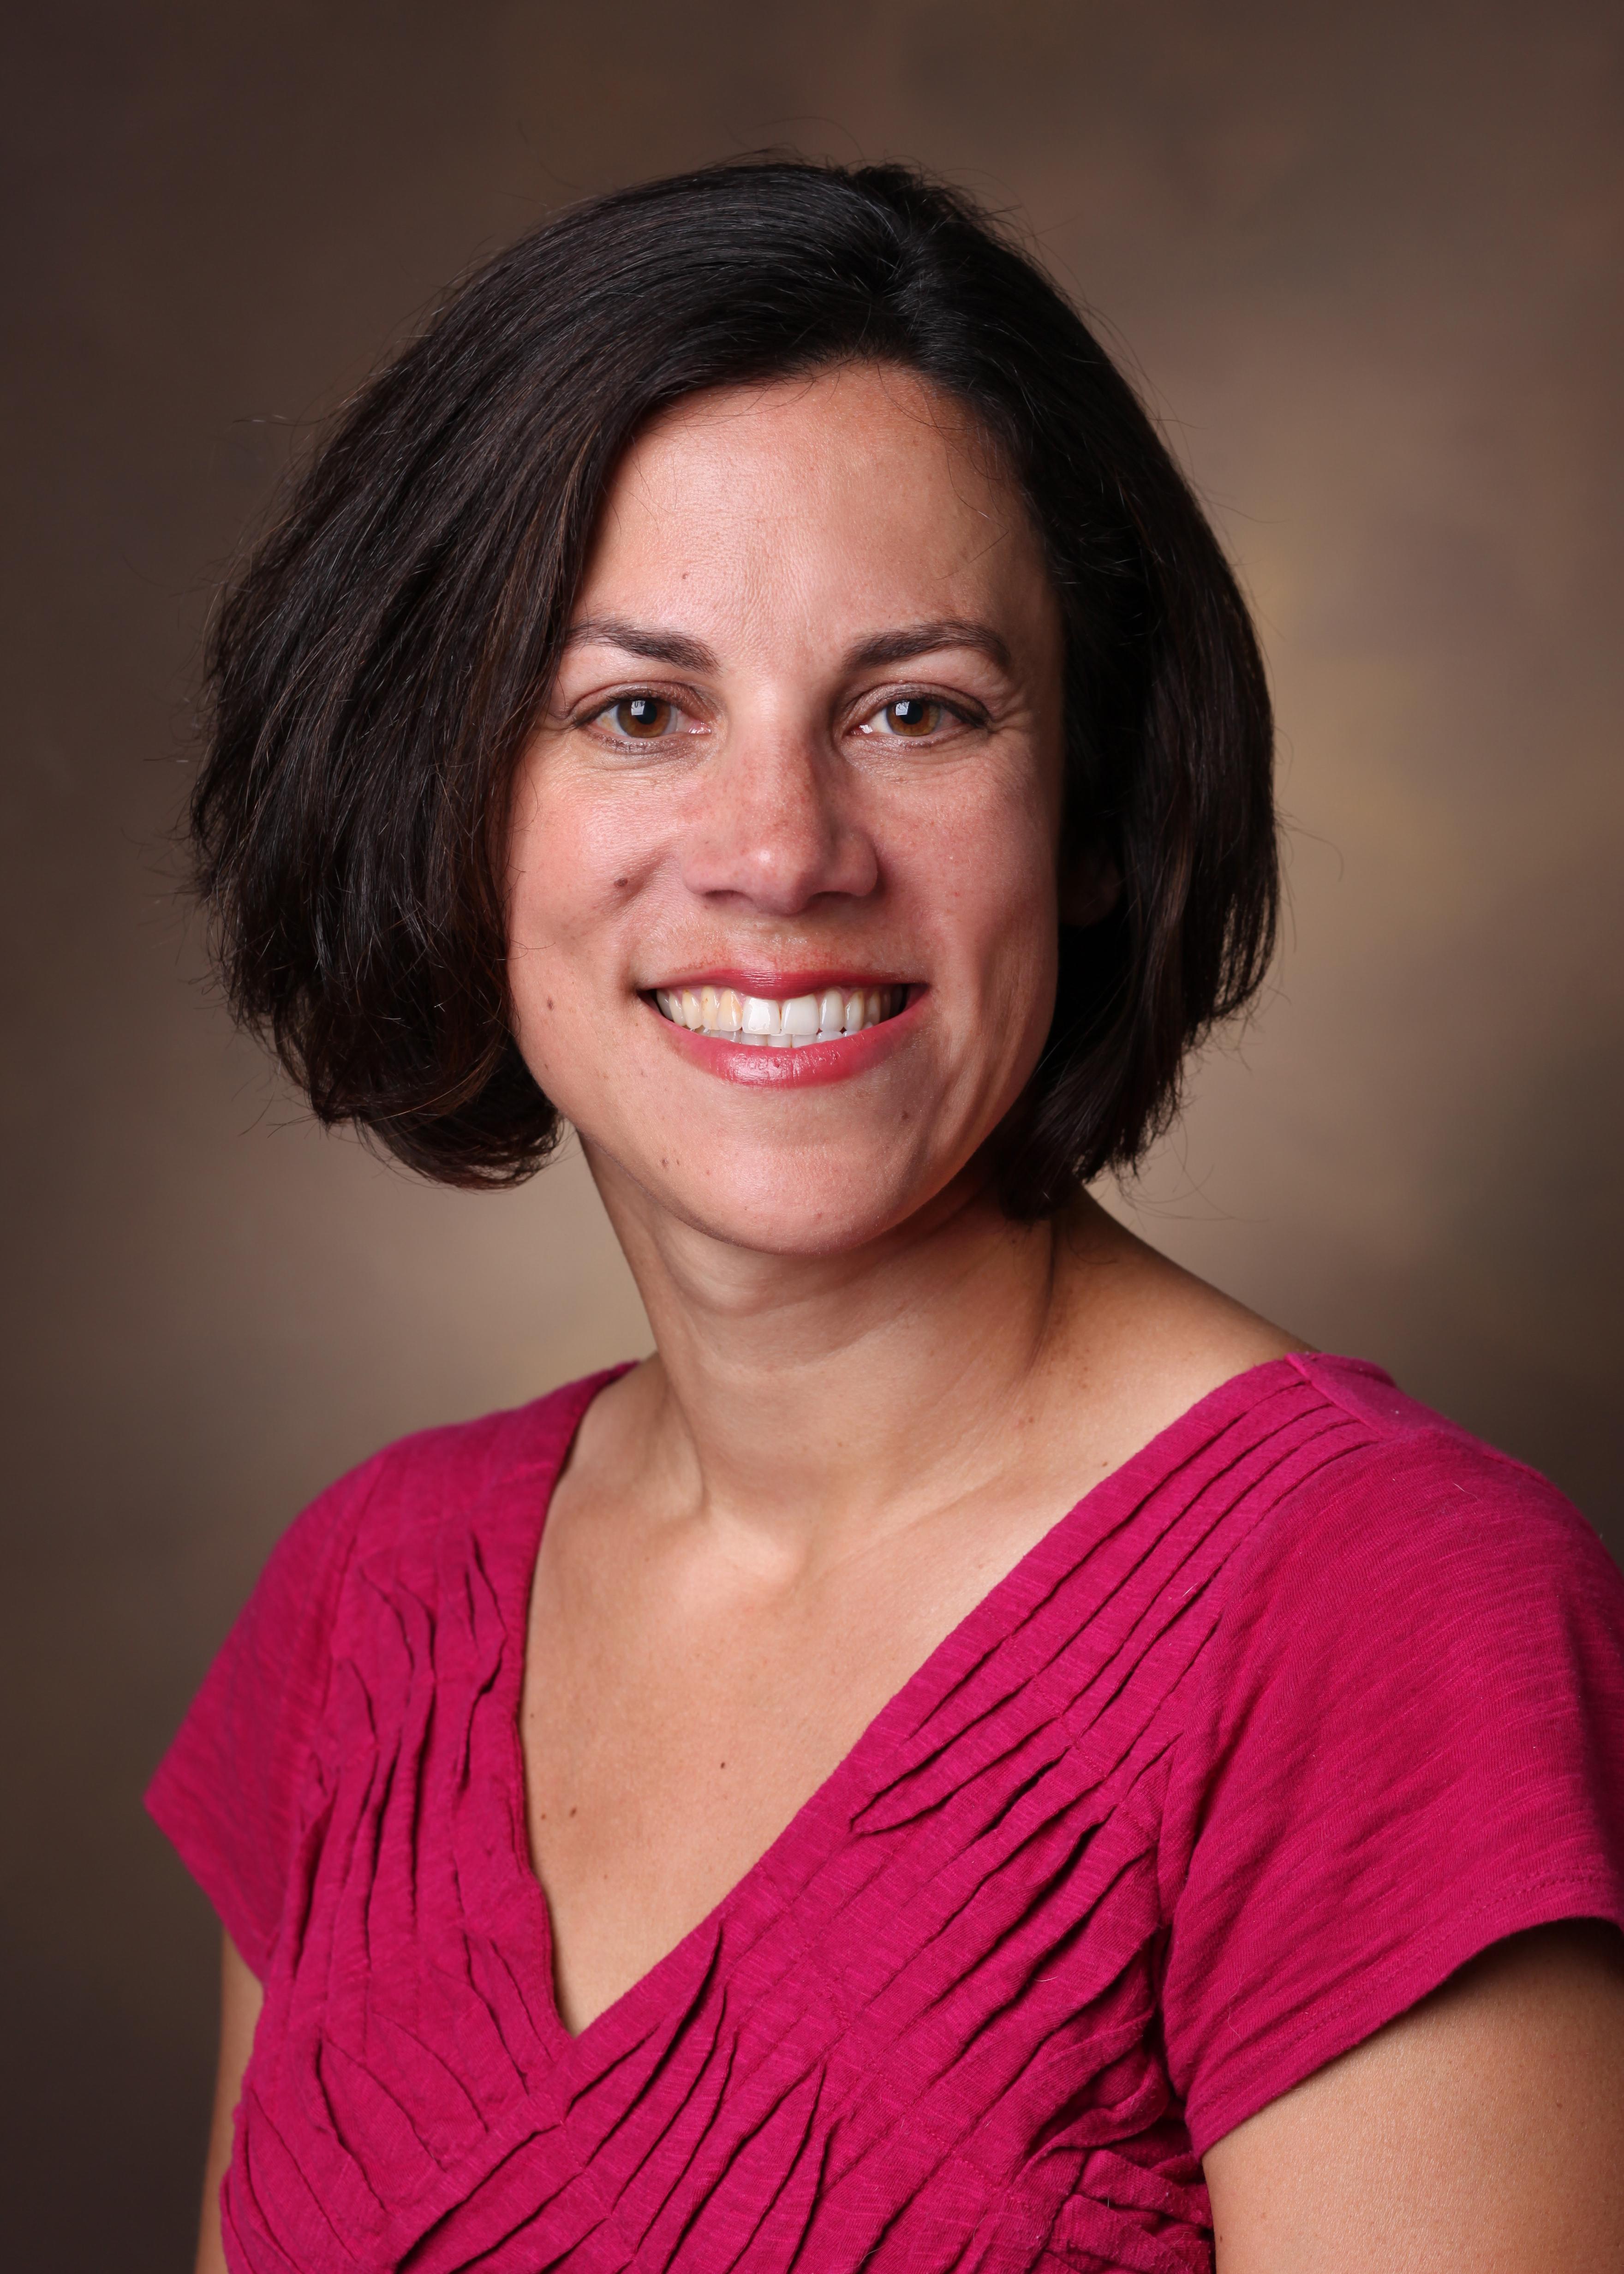 Sarah Jaser, PhD